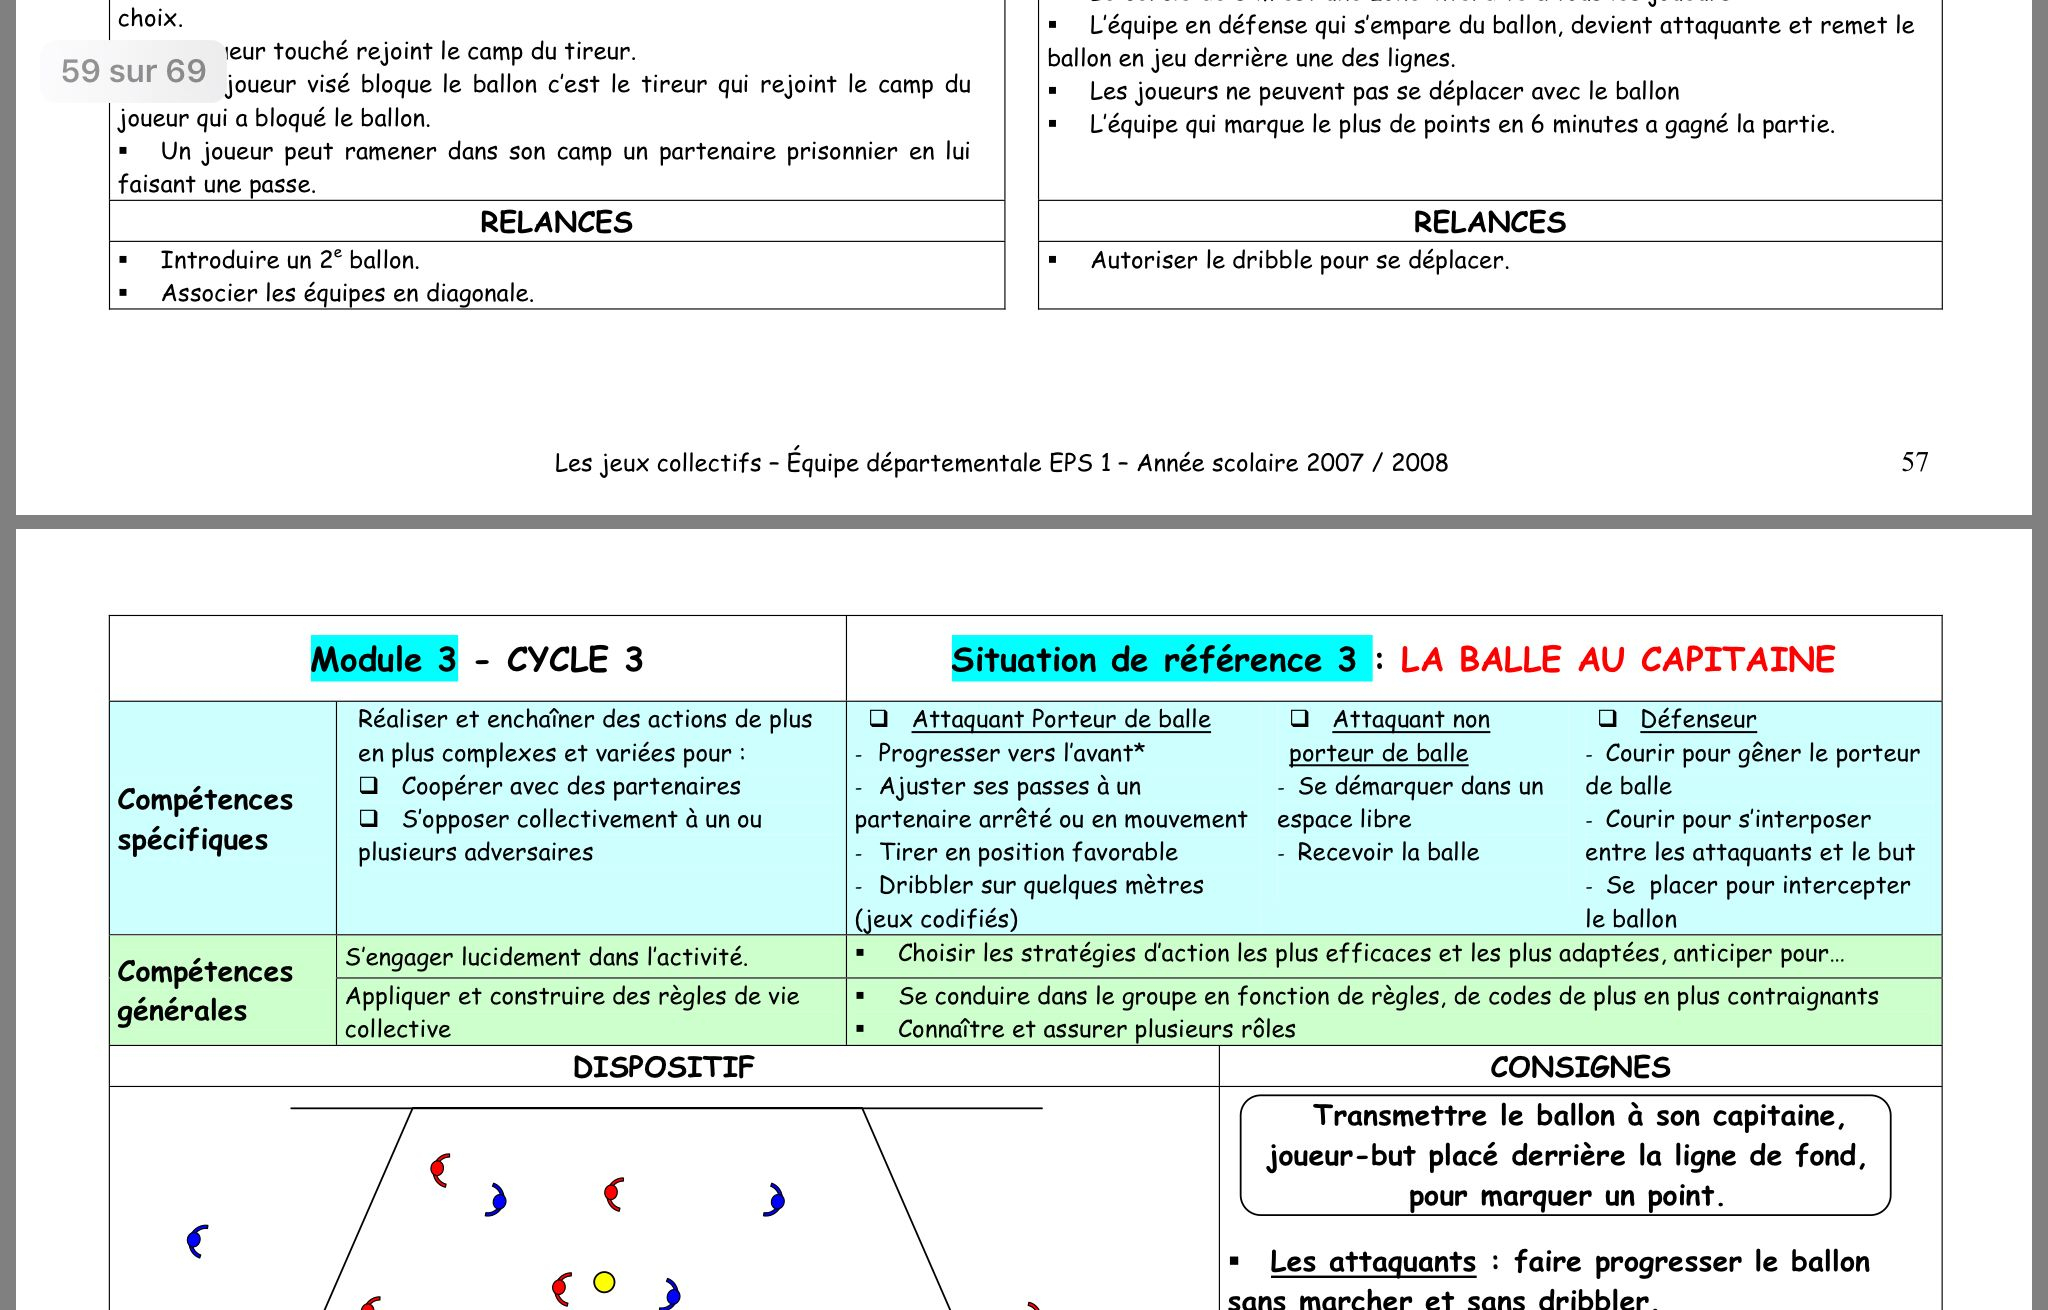 Épinglé Par Séverine Maltat Sur Classe | Jeux Collectifs, Le à Jeux Collectifs Cycle 3 Sans Ballon